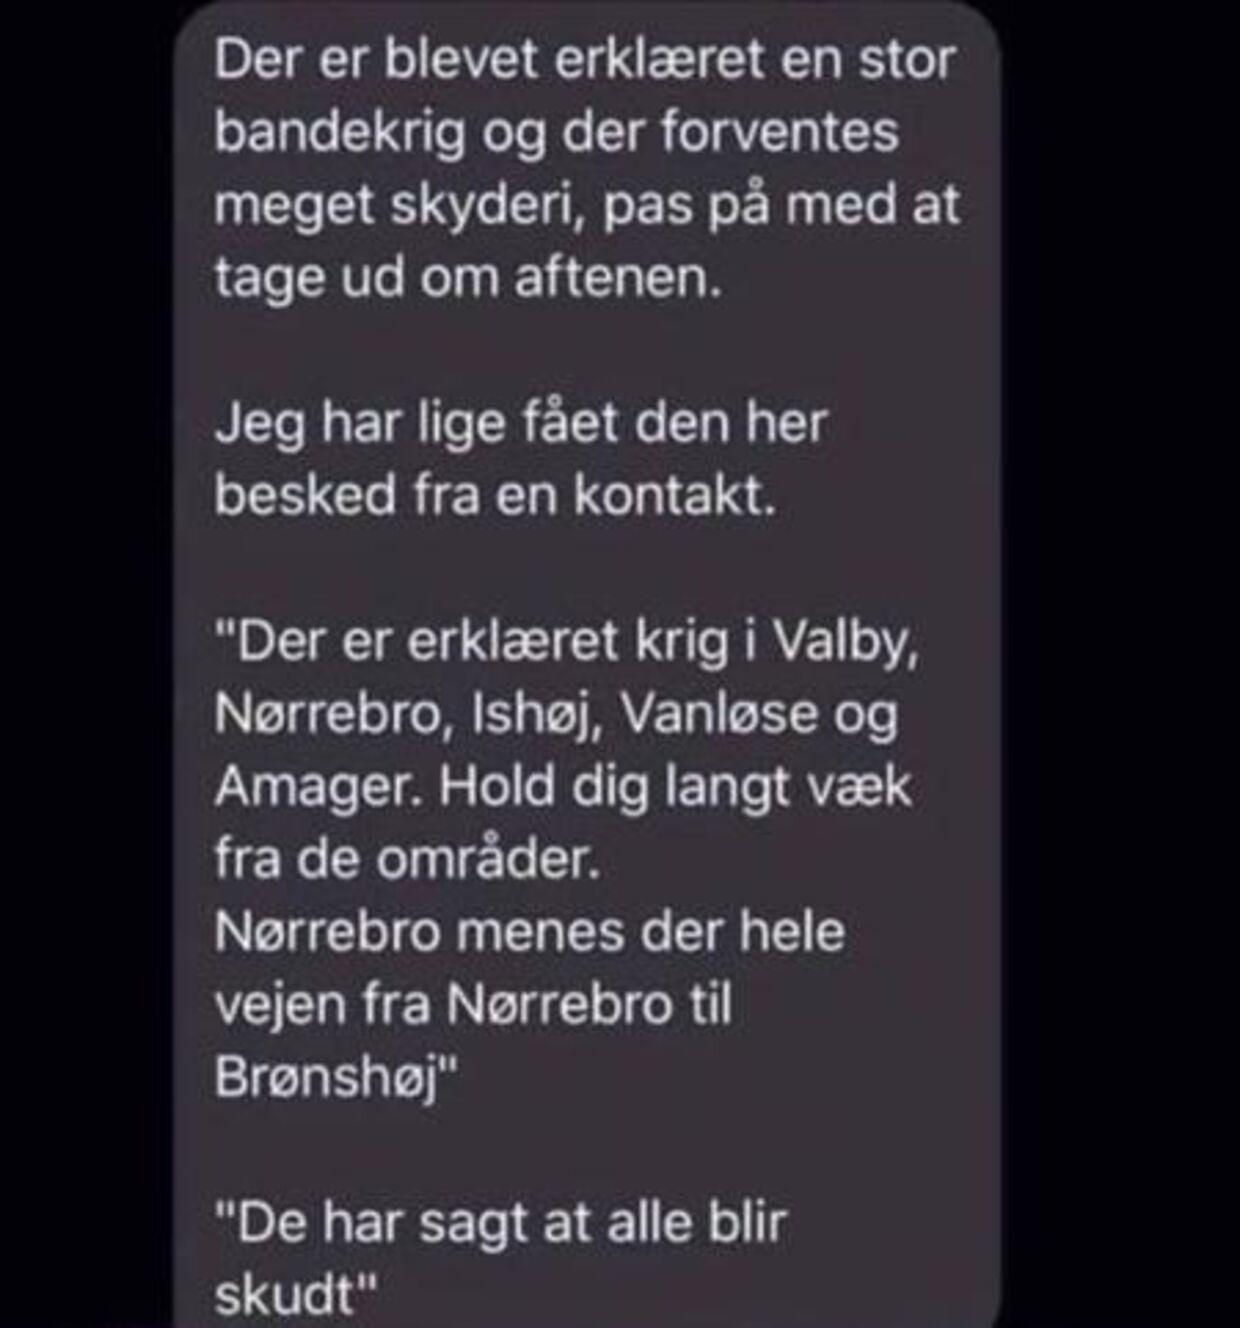 En SMS-besked advarer om bandekrig og skyderier i København fredag aften. Beskeden får nu politiet til at reagere.